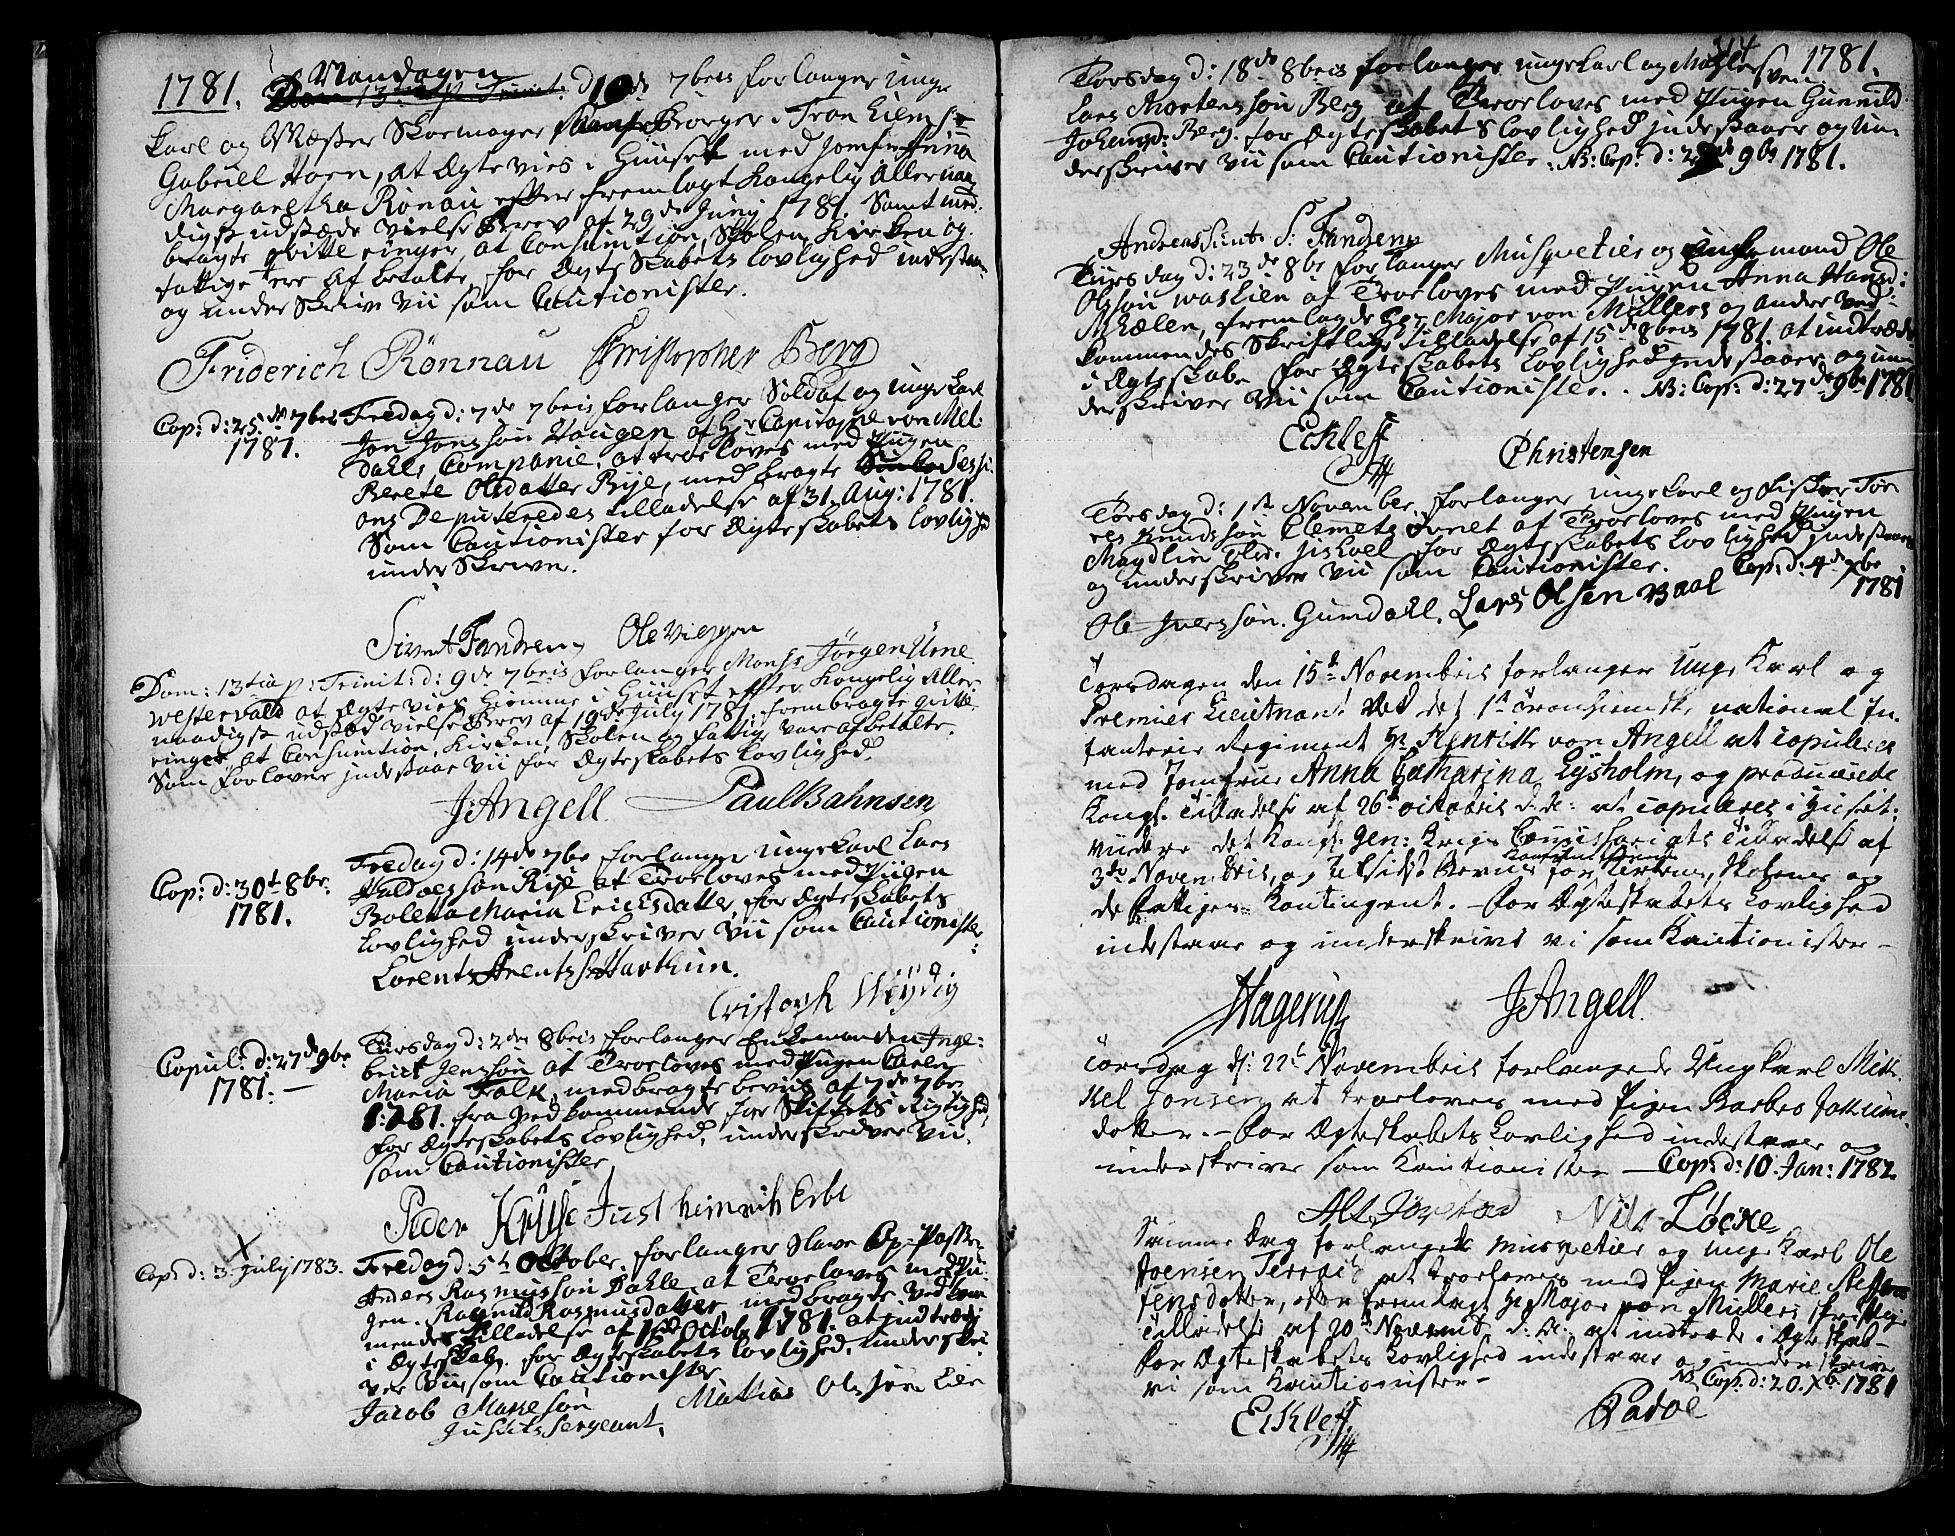 SAT, Ministerialprotokoller, klokkerbøker og fødselsregistre - Sør-Trøndelag, 601/L0038: Ministerialbok nr. 601A06, 1766-1877, s. 314